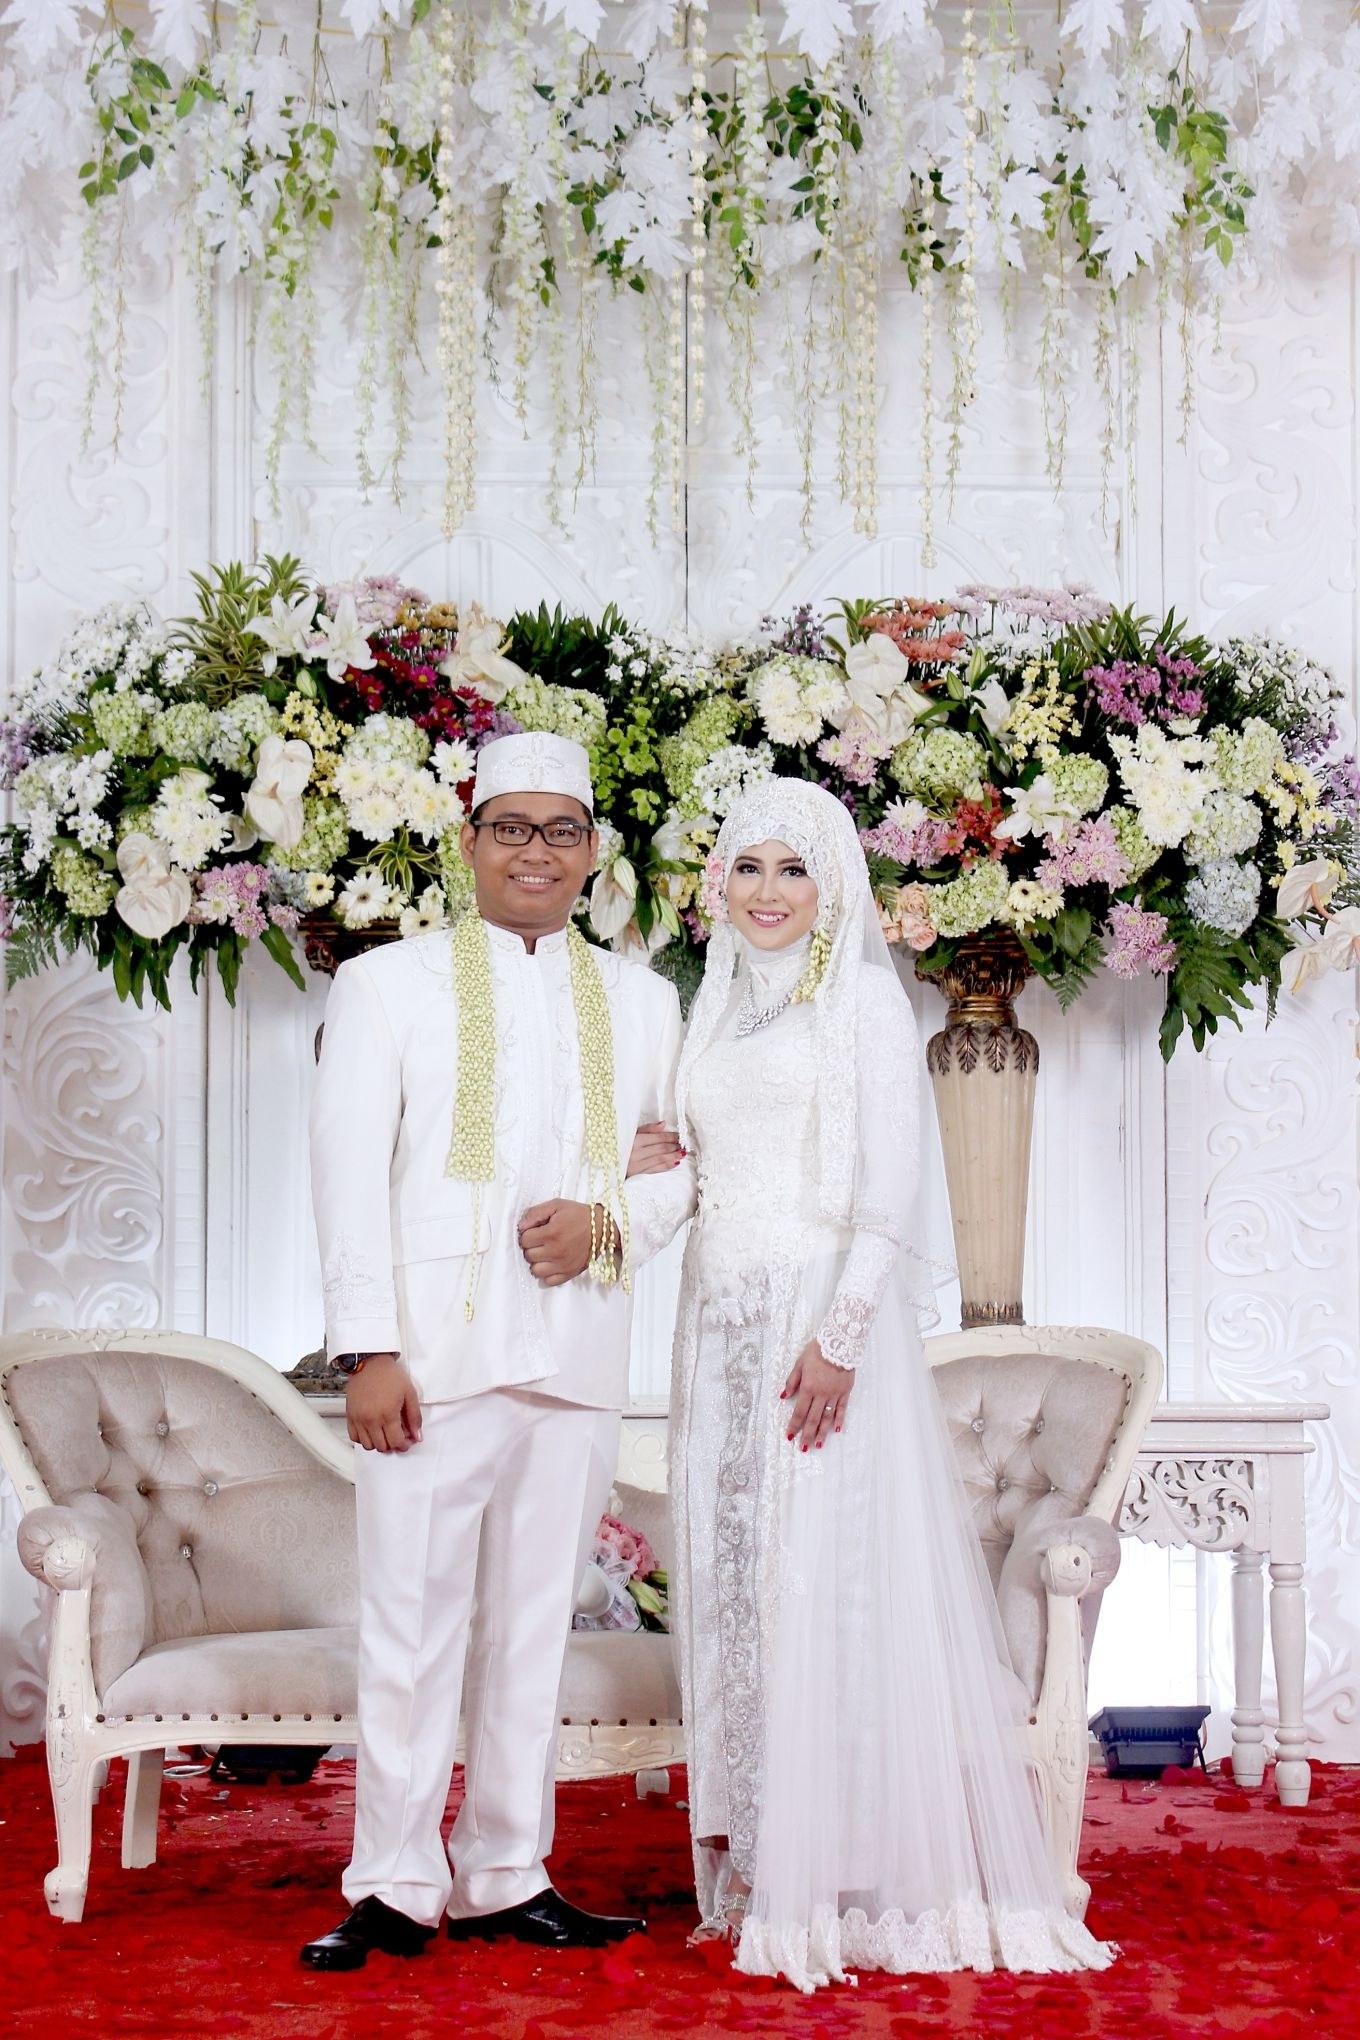 Ide Baju Pengantin Adat Jawa Muslim Modern Q0d4 30 Baju Adat Jawa Pengantin Konsep Terpopuler